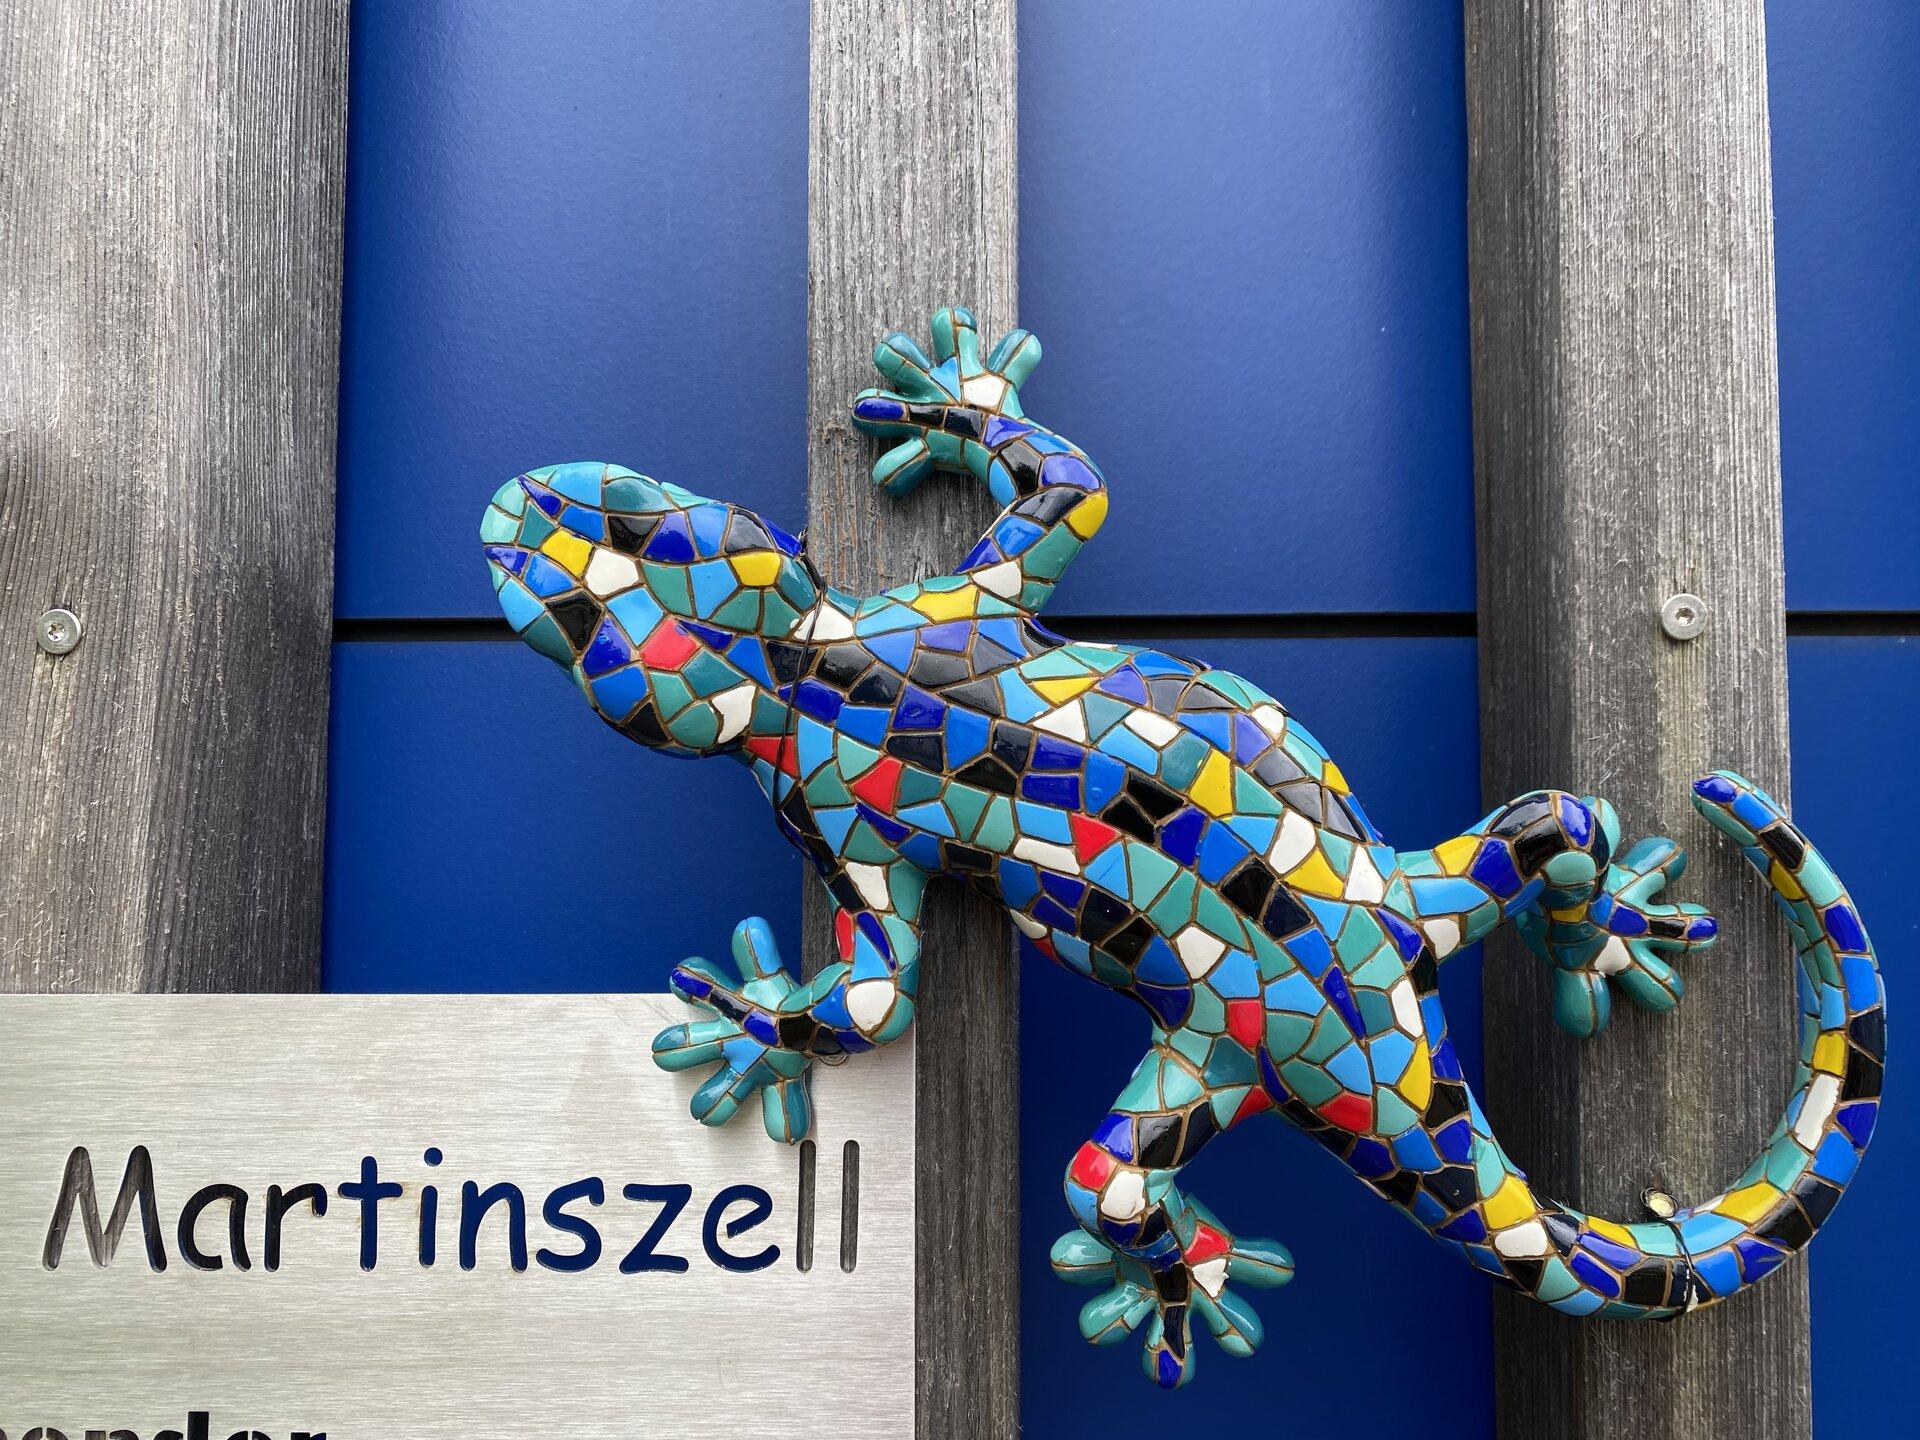 Marti aus Martinszell